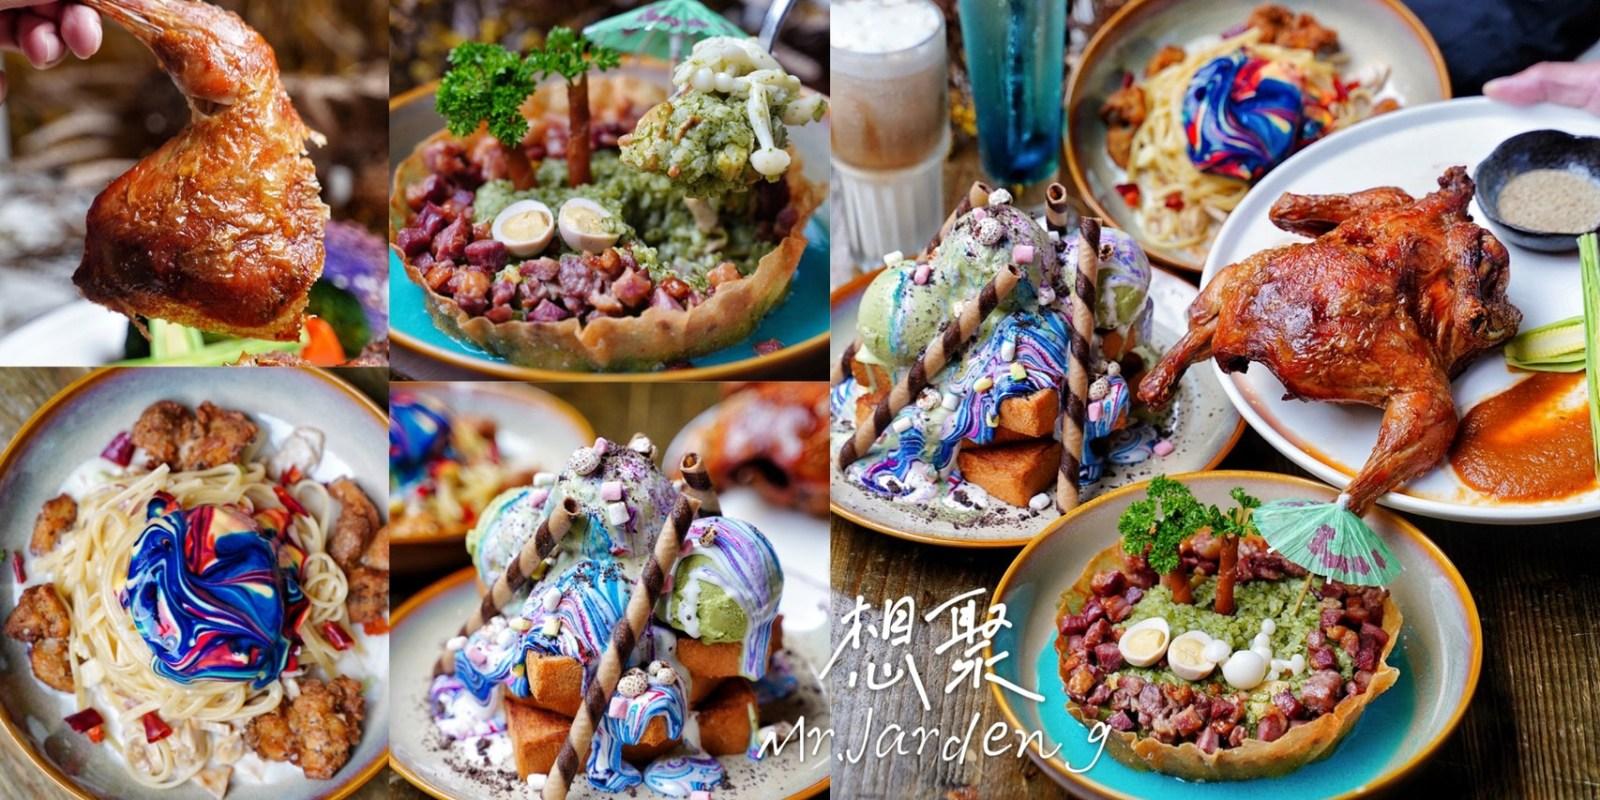 【新北美食】板橋浮誇系網美餐廳『想聚Mr.Jardeng』,像是你說藍色是你最愛的顏色、火燒的雞寞,還有必點隱藏版蜜糖吐司!